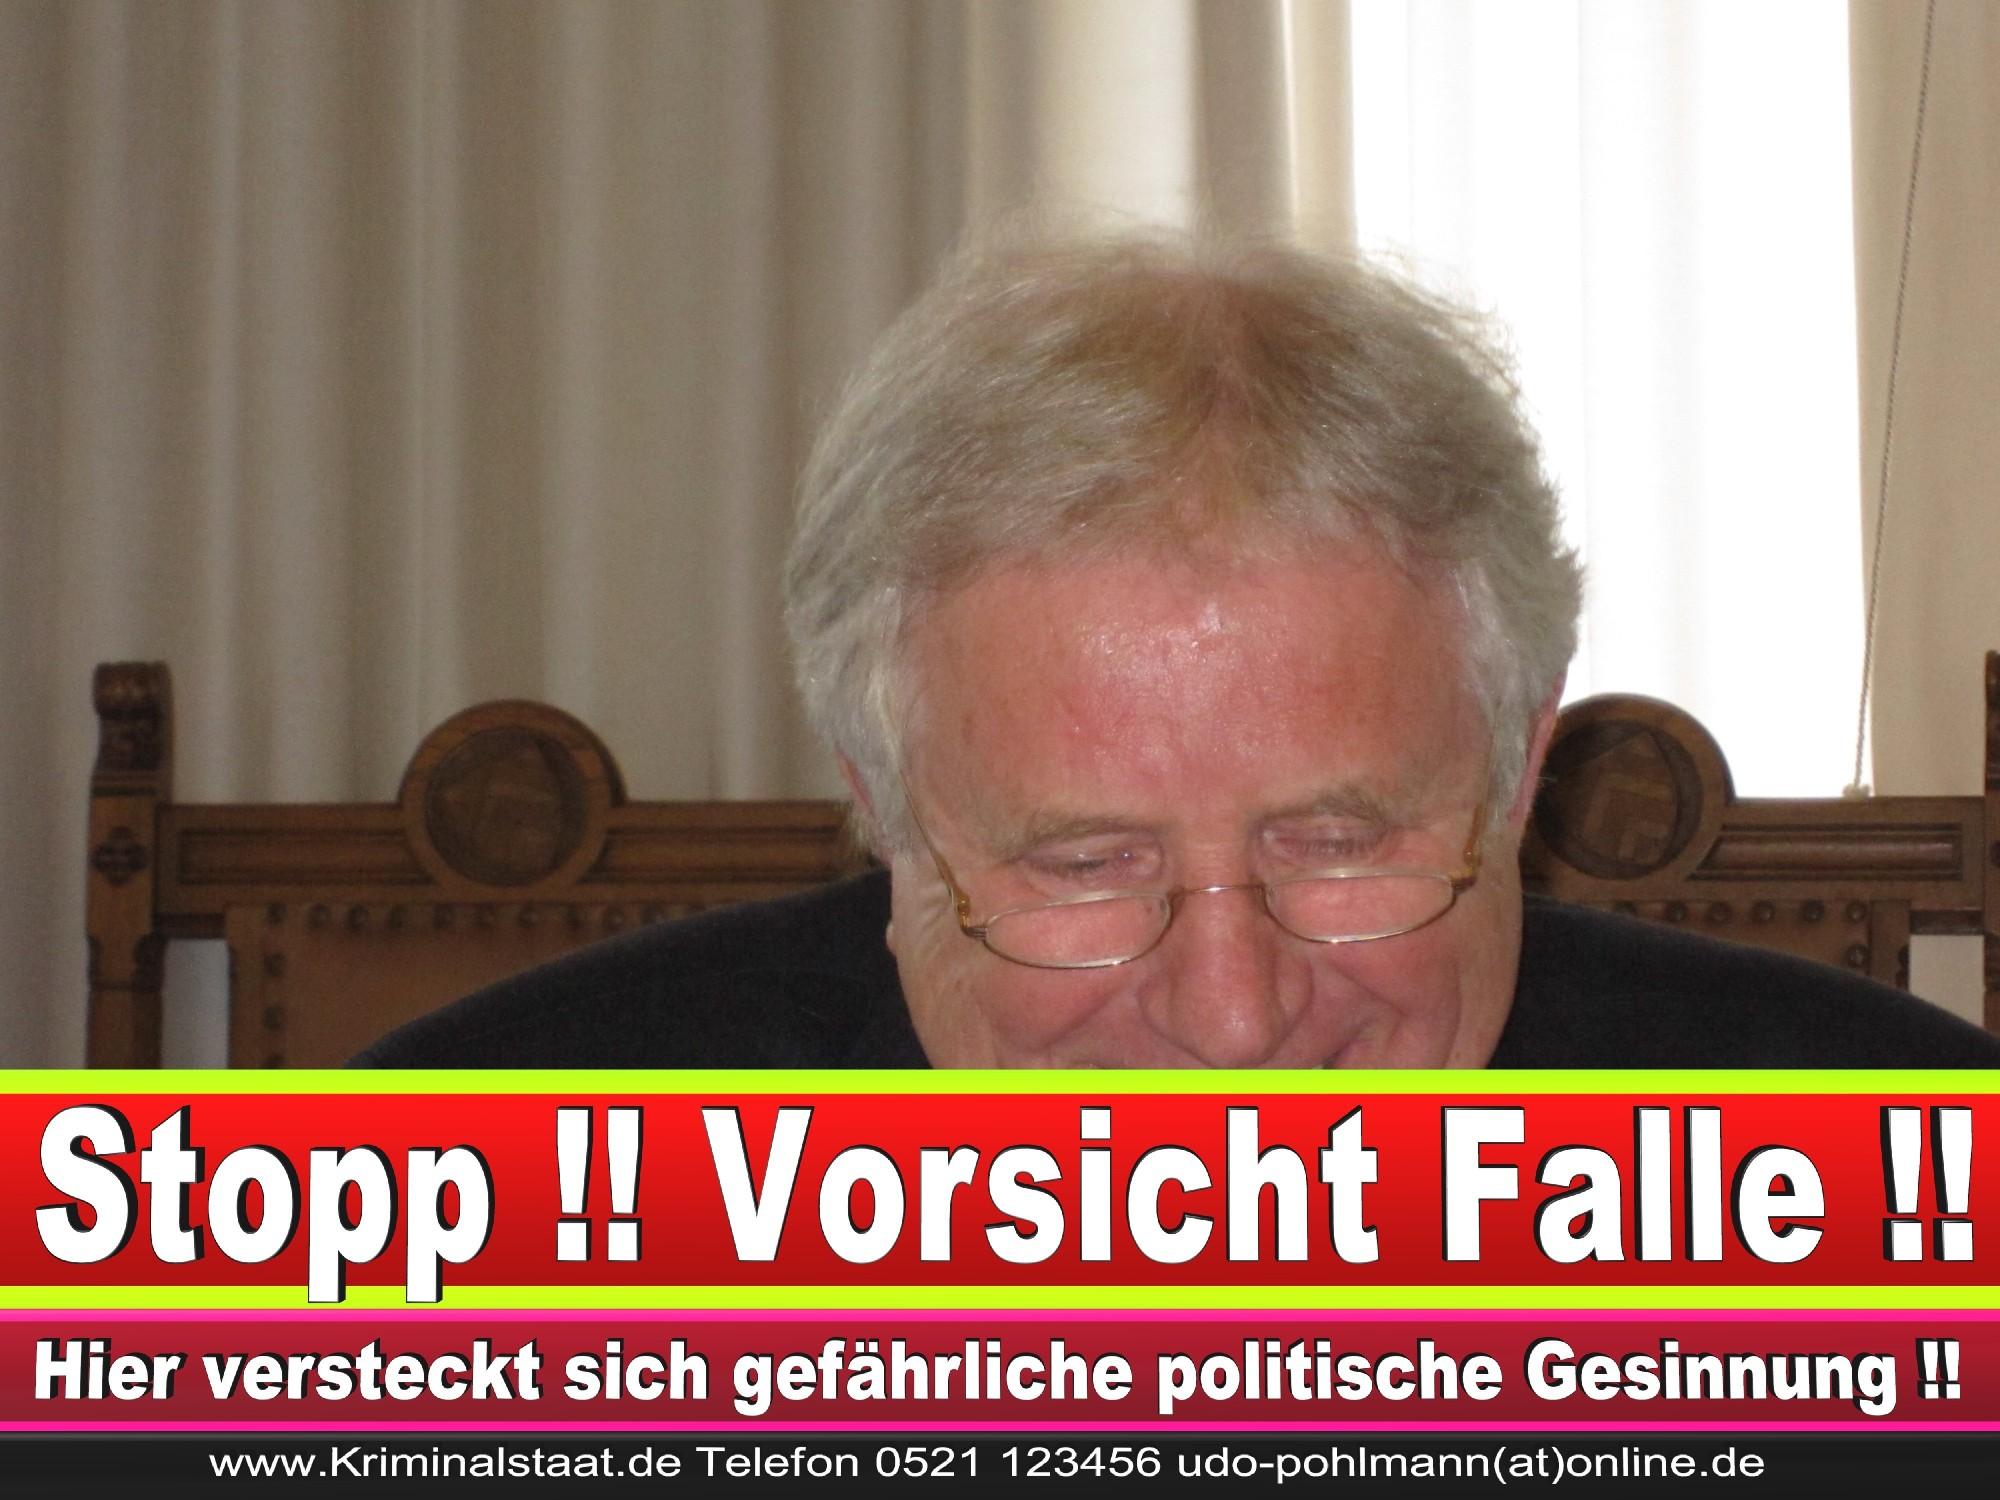 Polizeipräsident Erwin Südfeld Bielefeld Oberbürgermeister Bürgermeister Peter Clausen Pit Clausen Bielefeld (9)